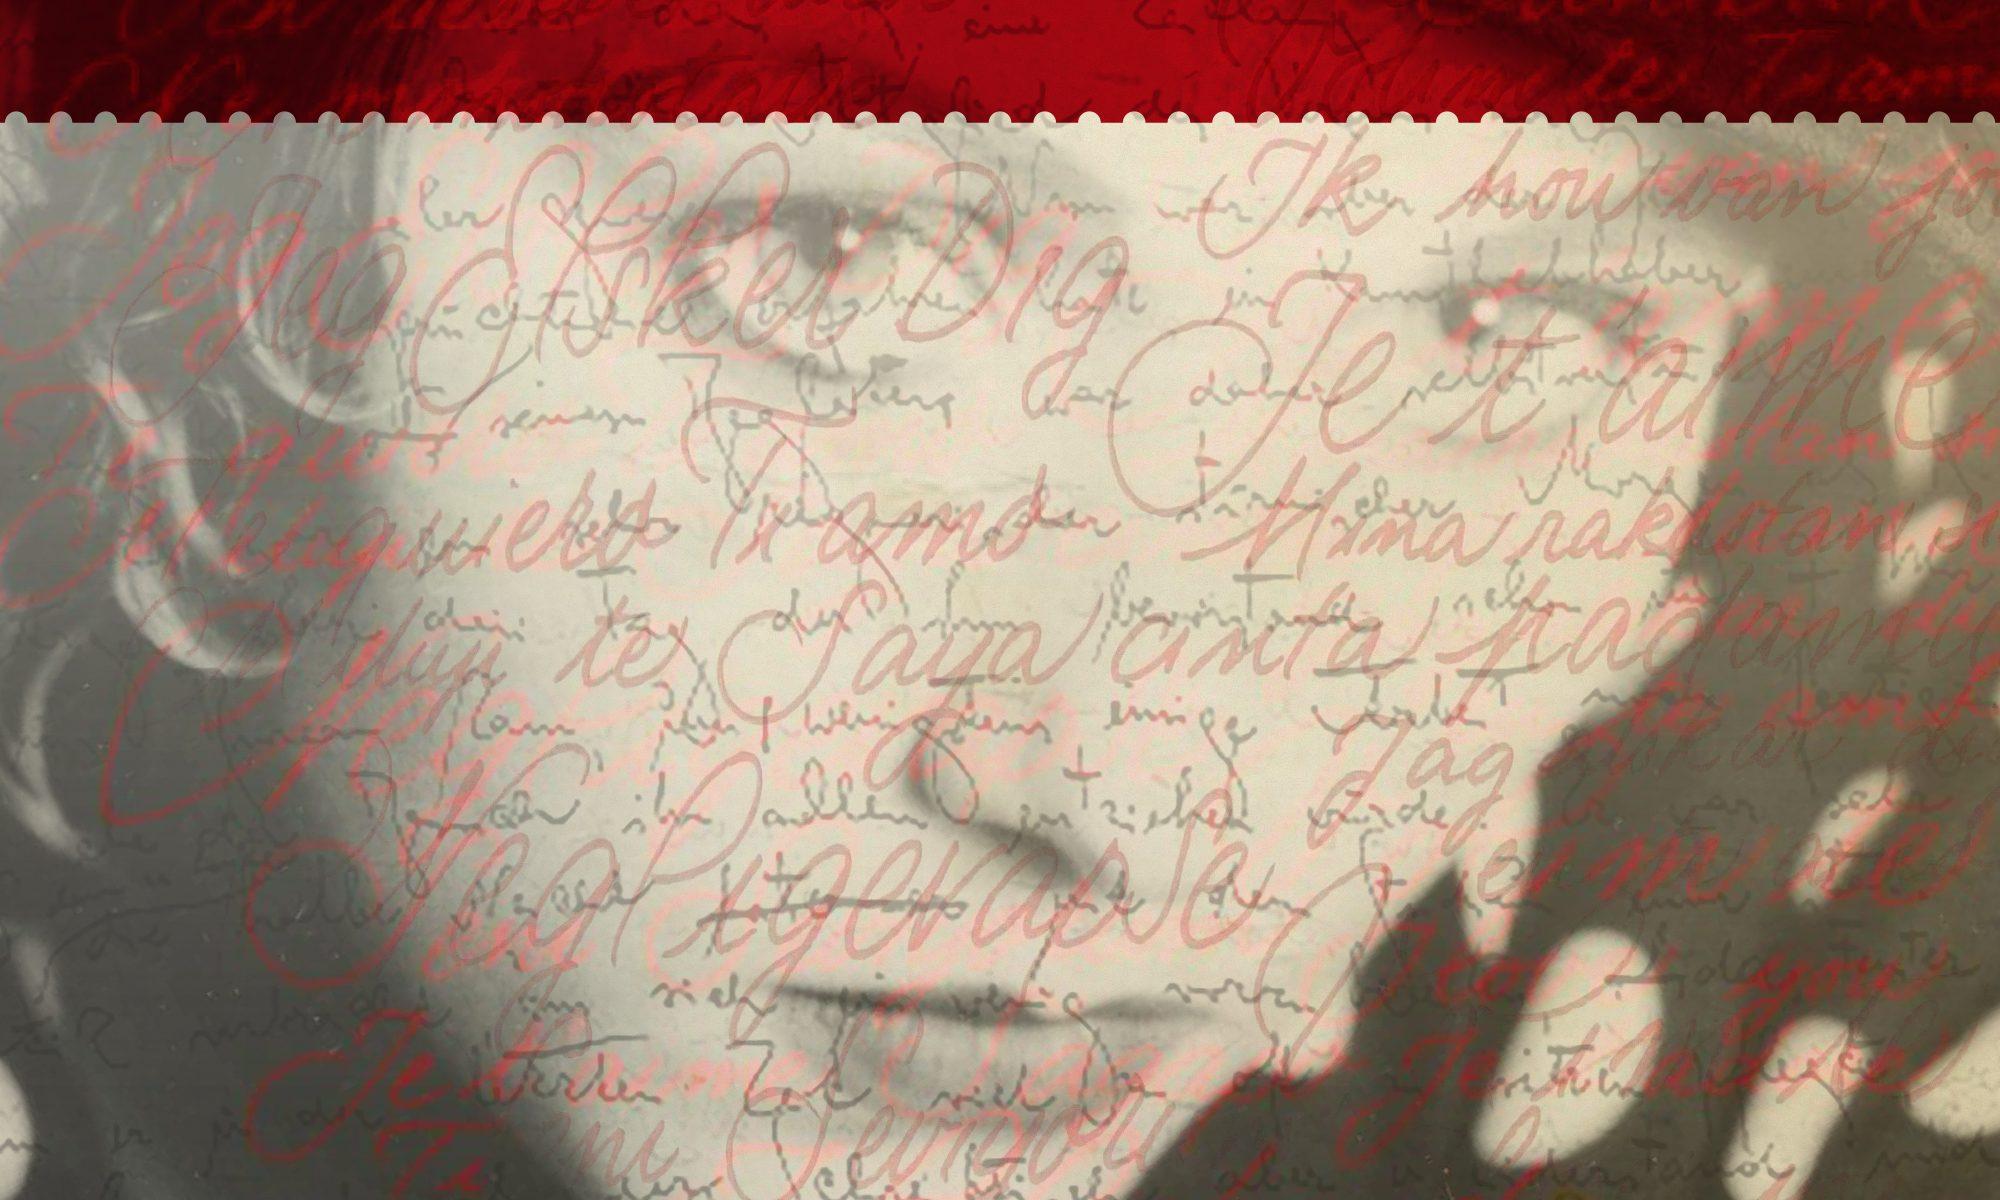 Schreiben Sie mir, oder ich sterbe | Thelma & Louise